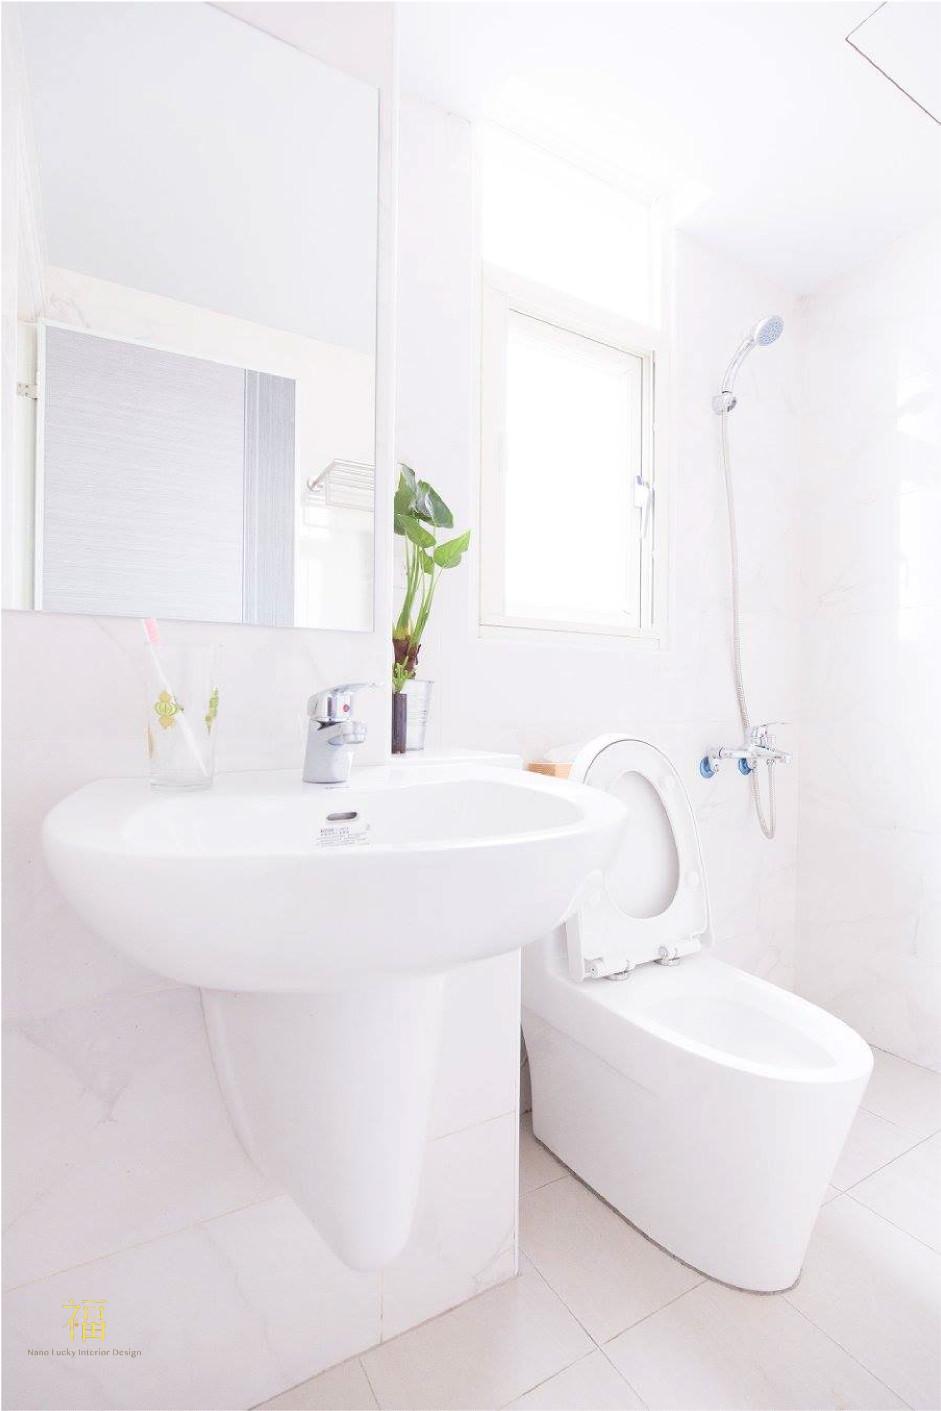 福櫻會館|優質學宿衛浴設備|嘉義宿舍空間設計